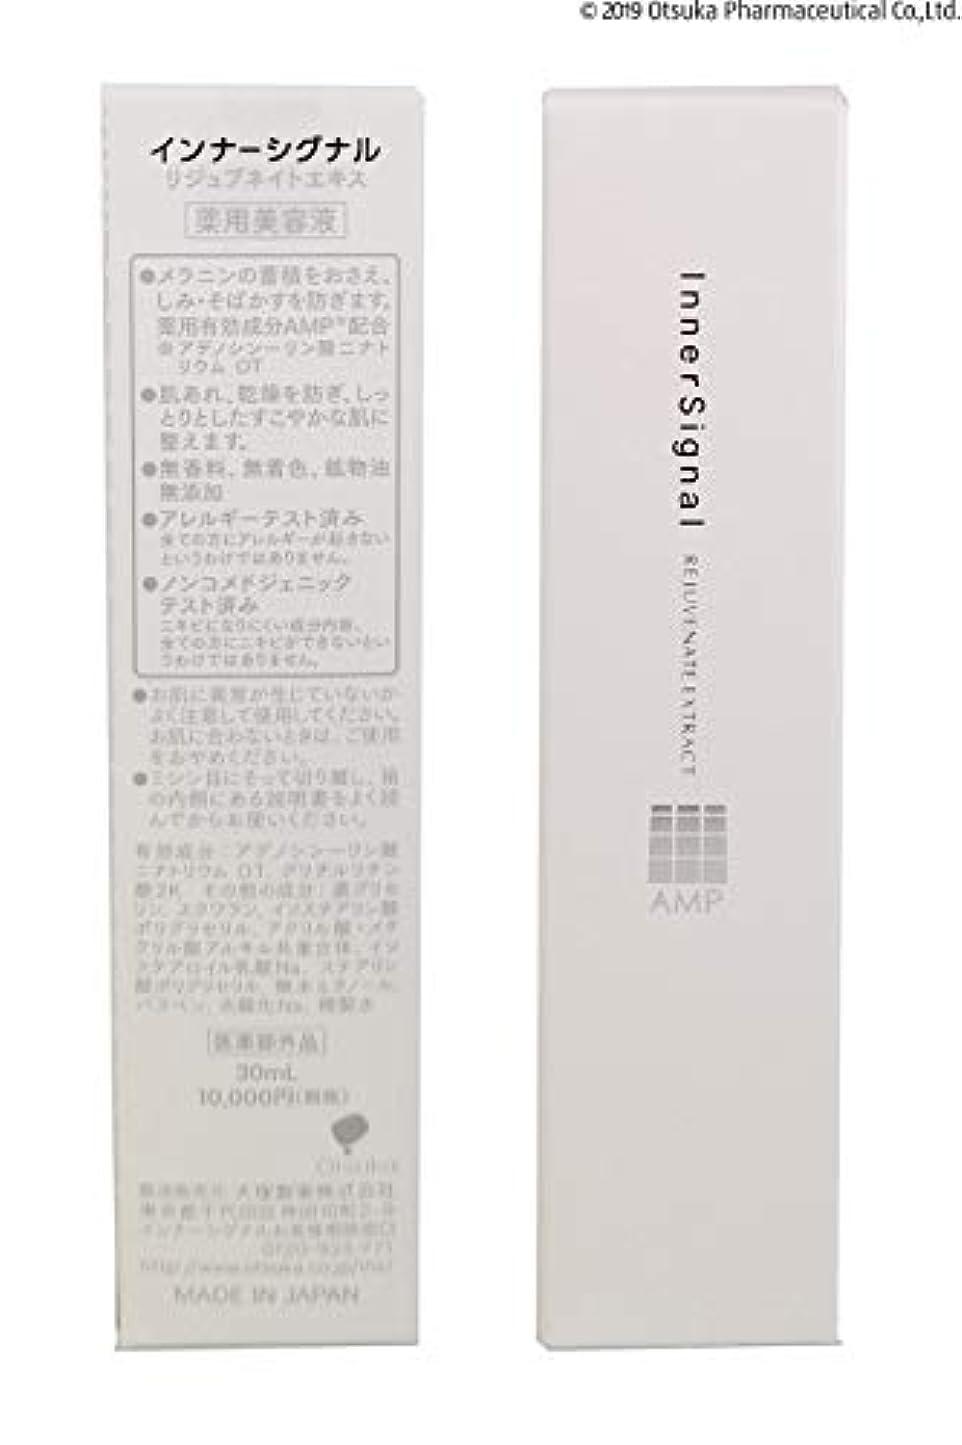 エッセイ貸し手保護大塚製薬 【医薬部外品】 インナーシグナル エキス 30mL (薬用美容液)52981